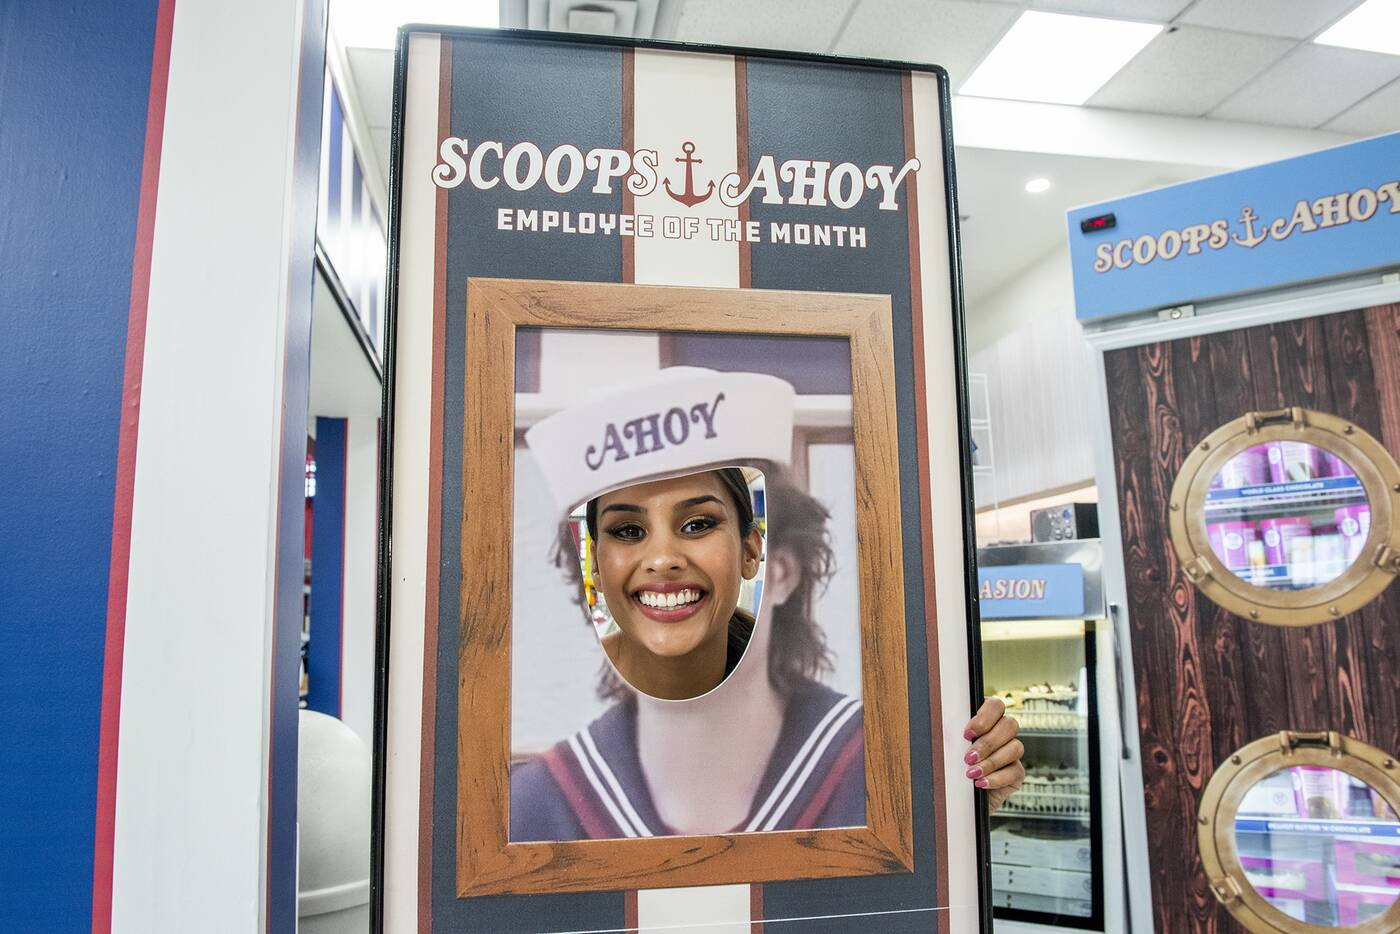 Scoops Ahoy Toronto